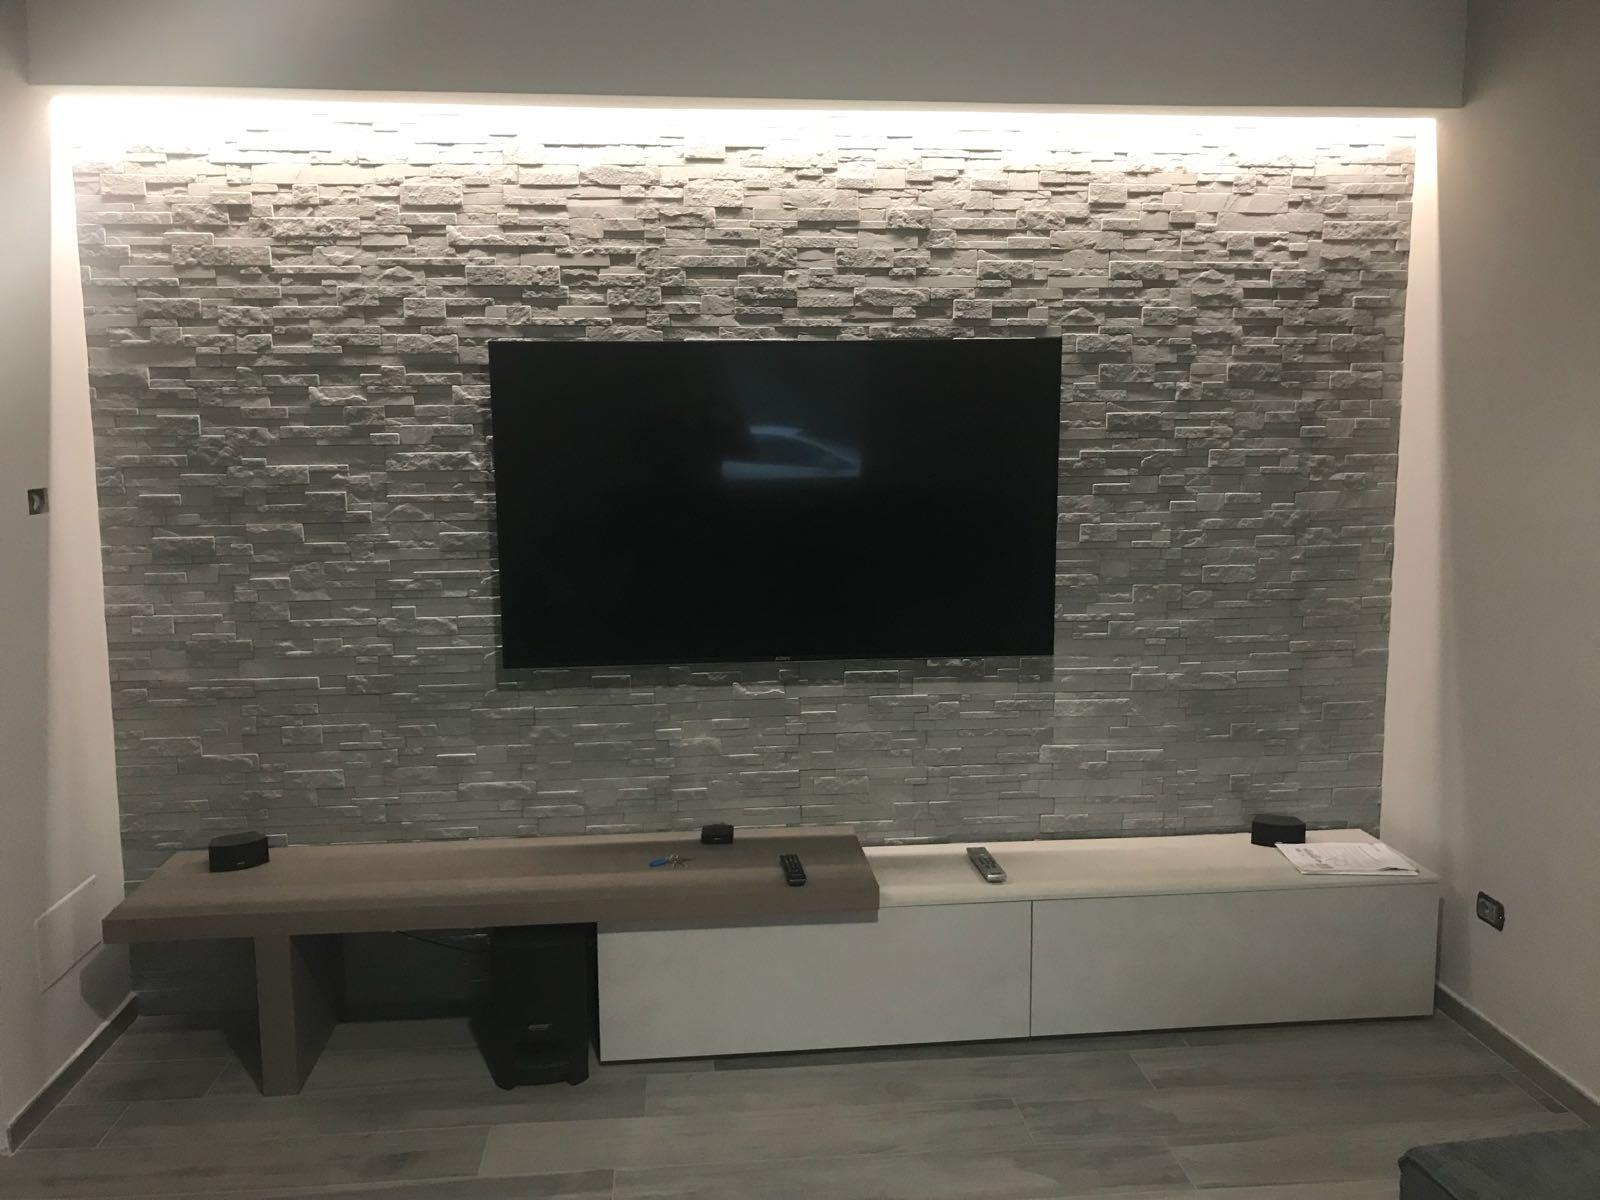 Ecco 15 bellissime idee di rivestimenti in pietra per le pareti del soggiorno. Rivestire Una Parete In Soggiorno Dietro La Tv Rinnovare Con La Pietra